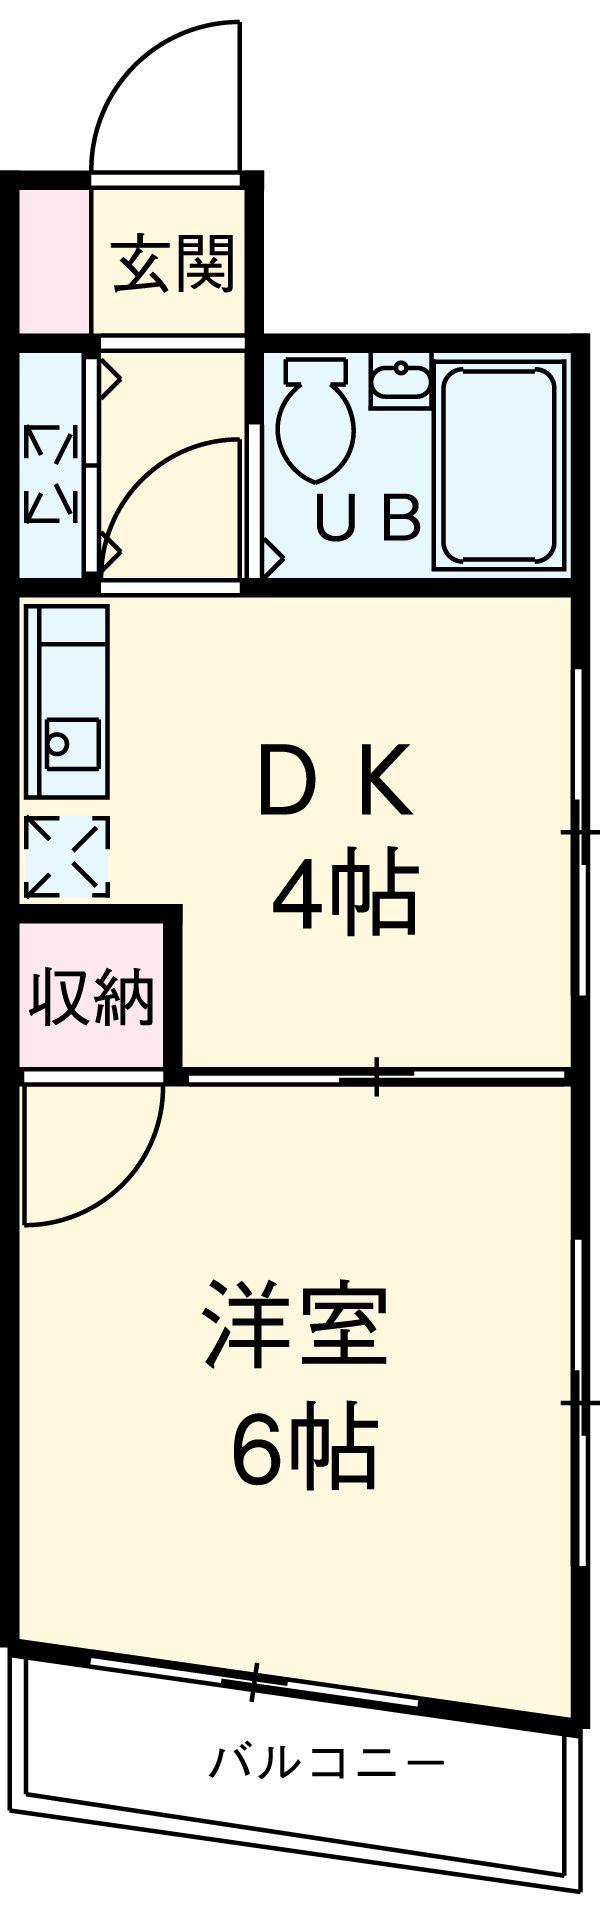 サンピア横須賀 602号室の間取り